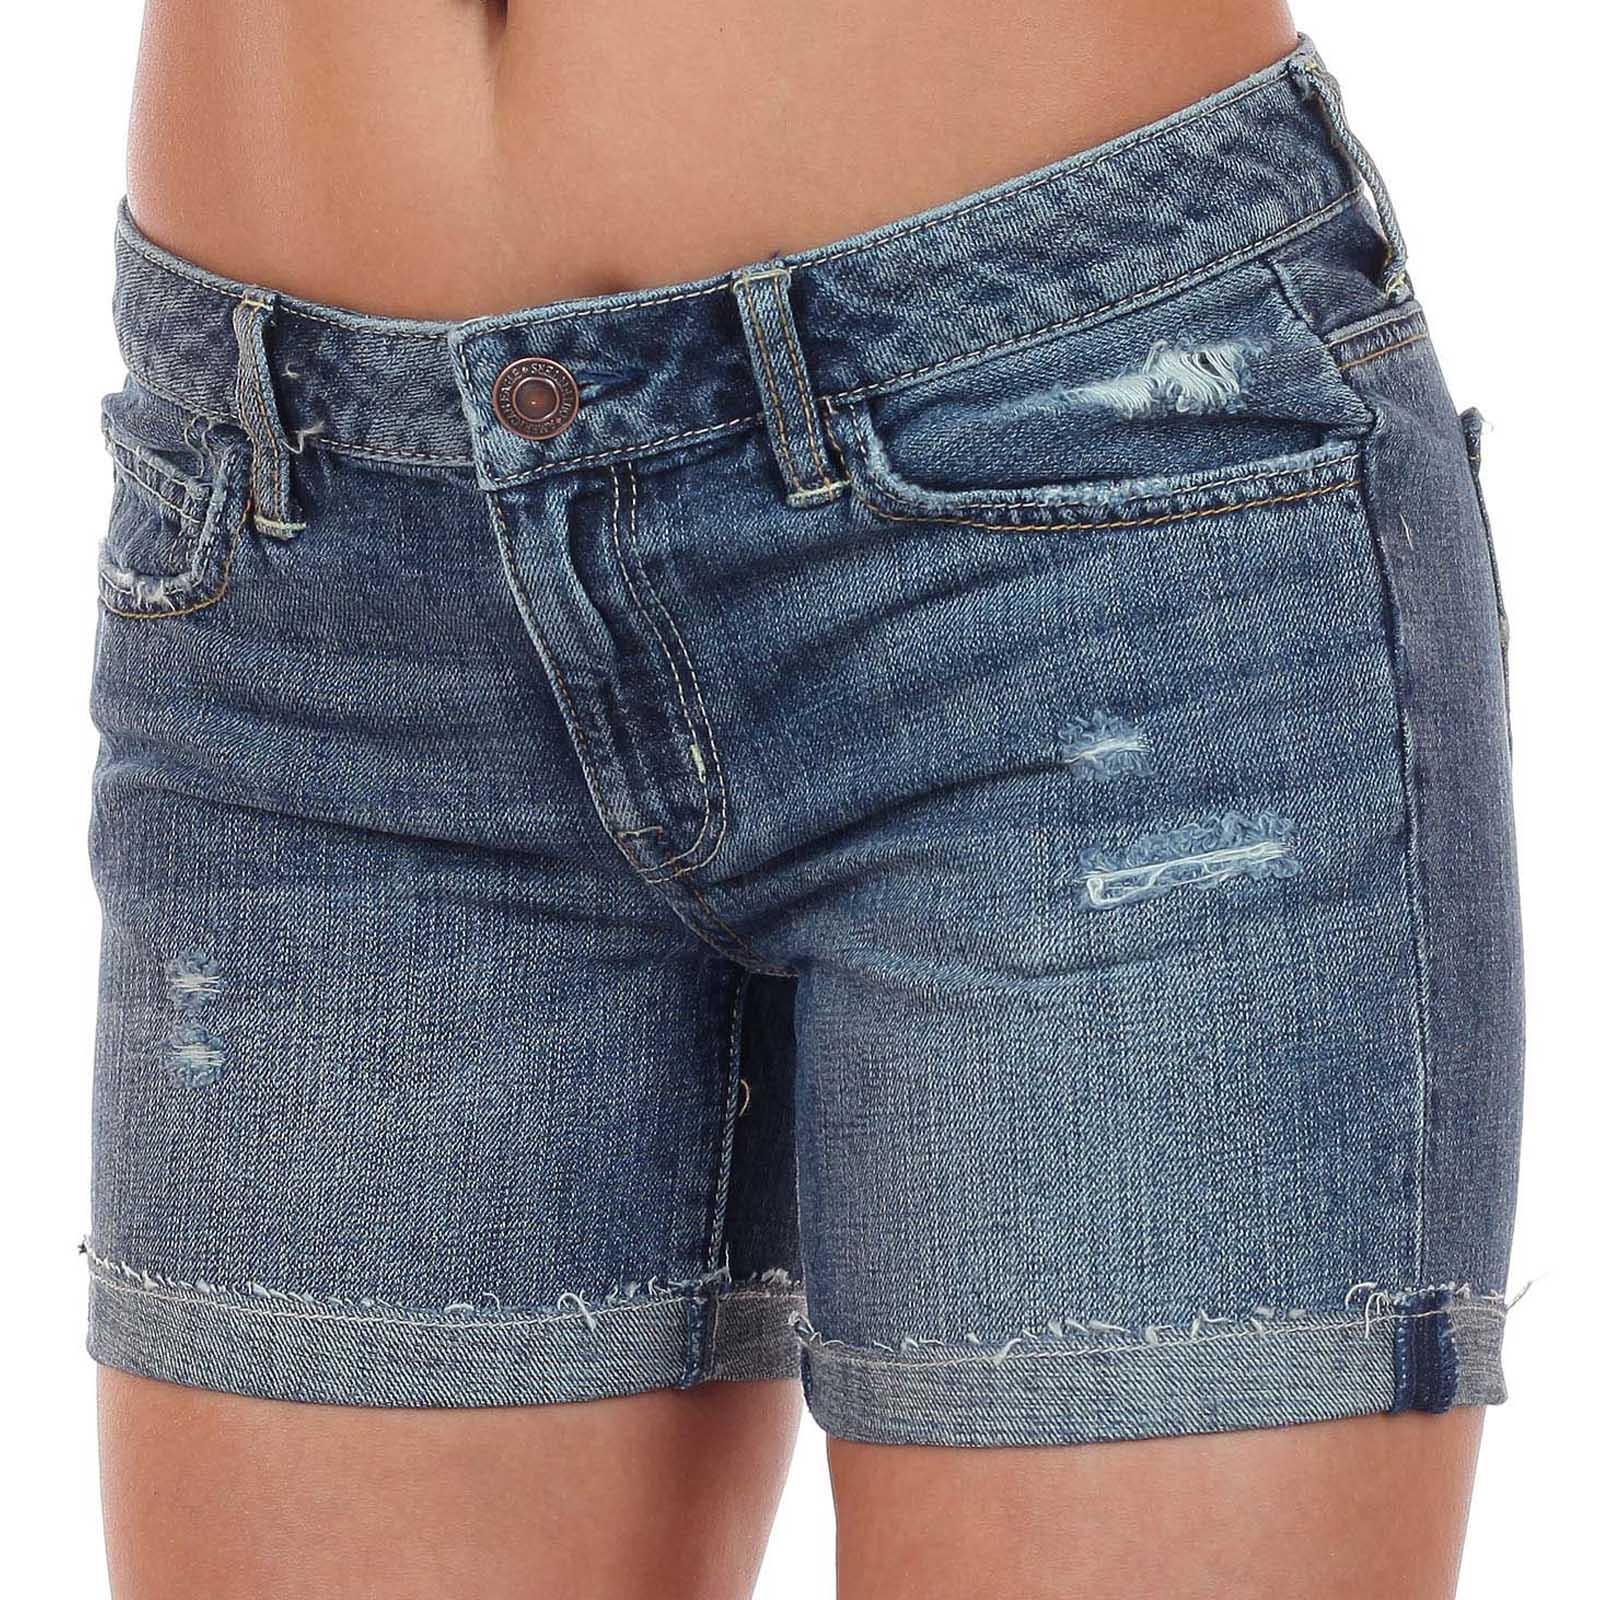 Купить по оптовой закупочной цене женские джинсовые шорты